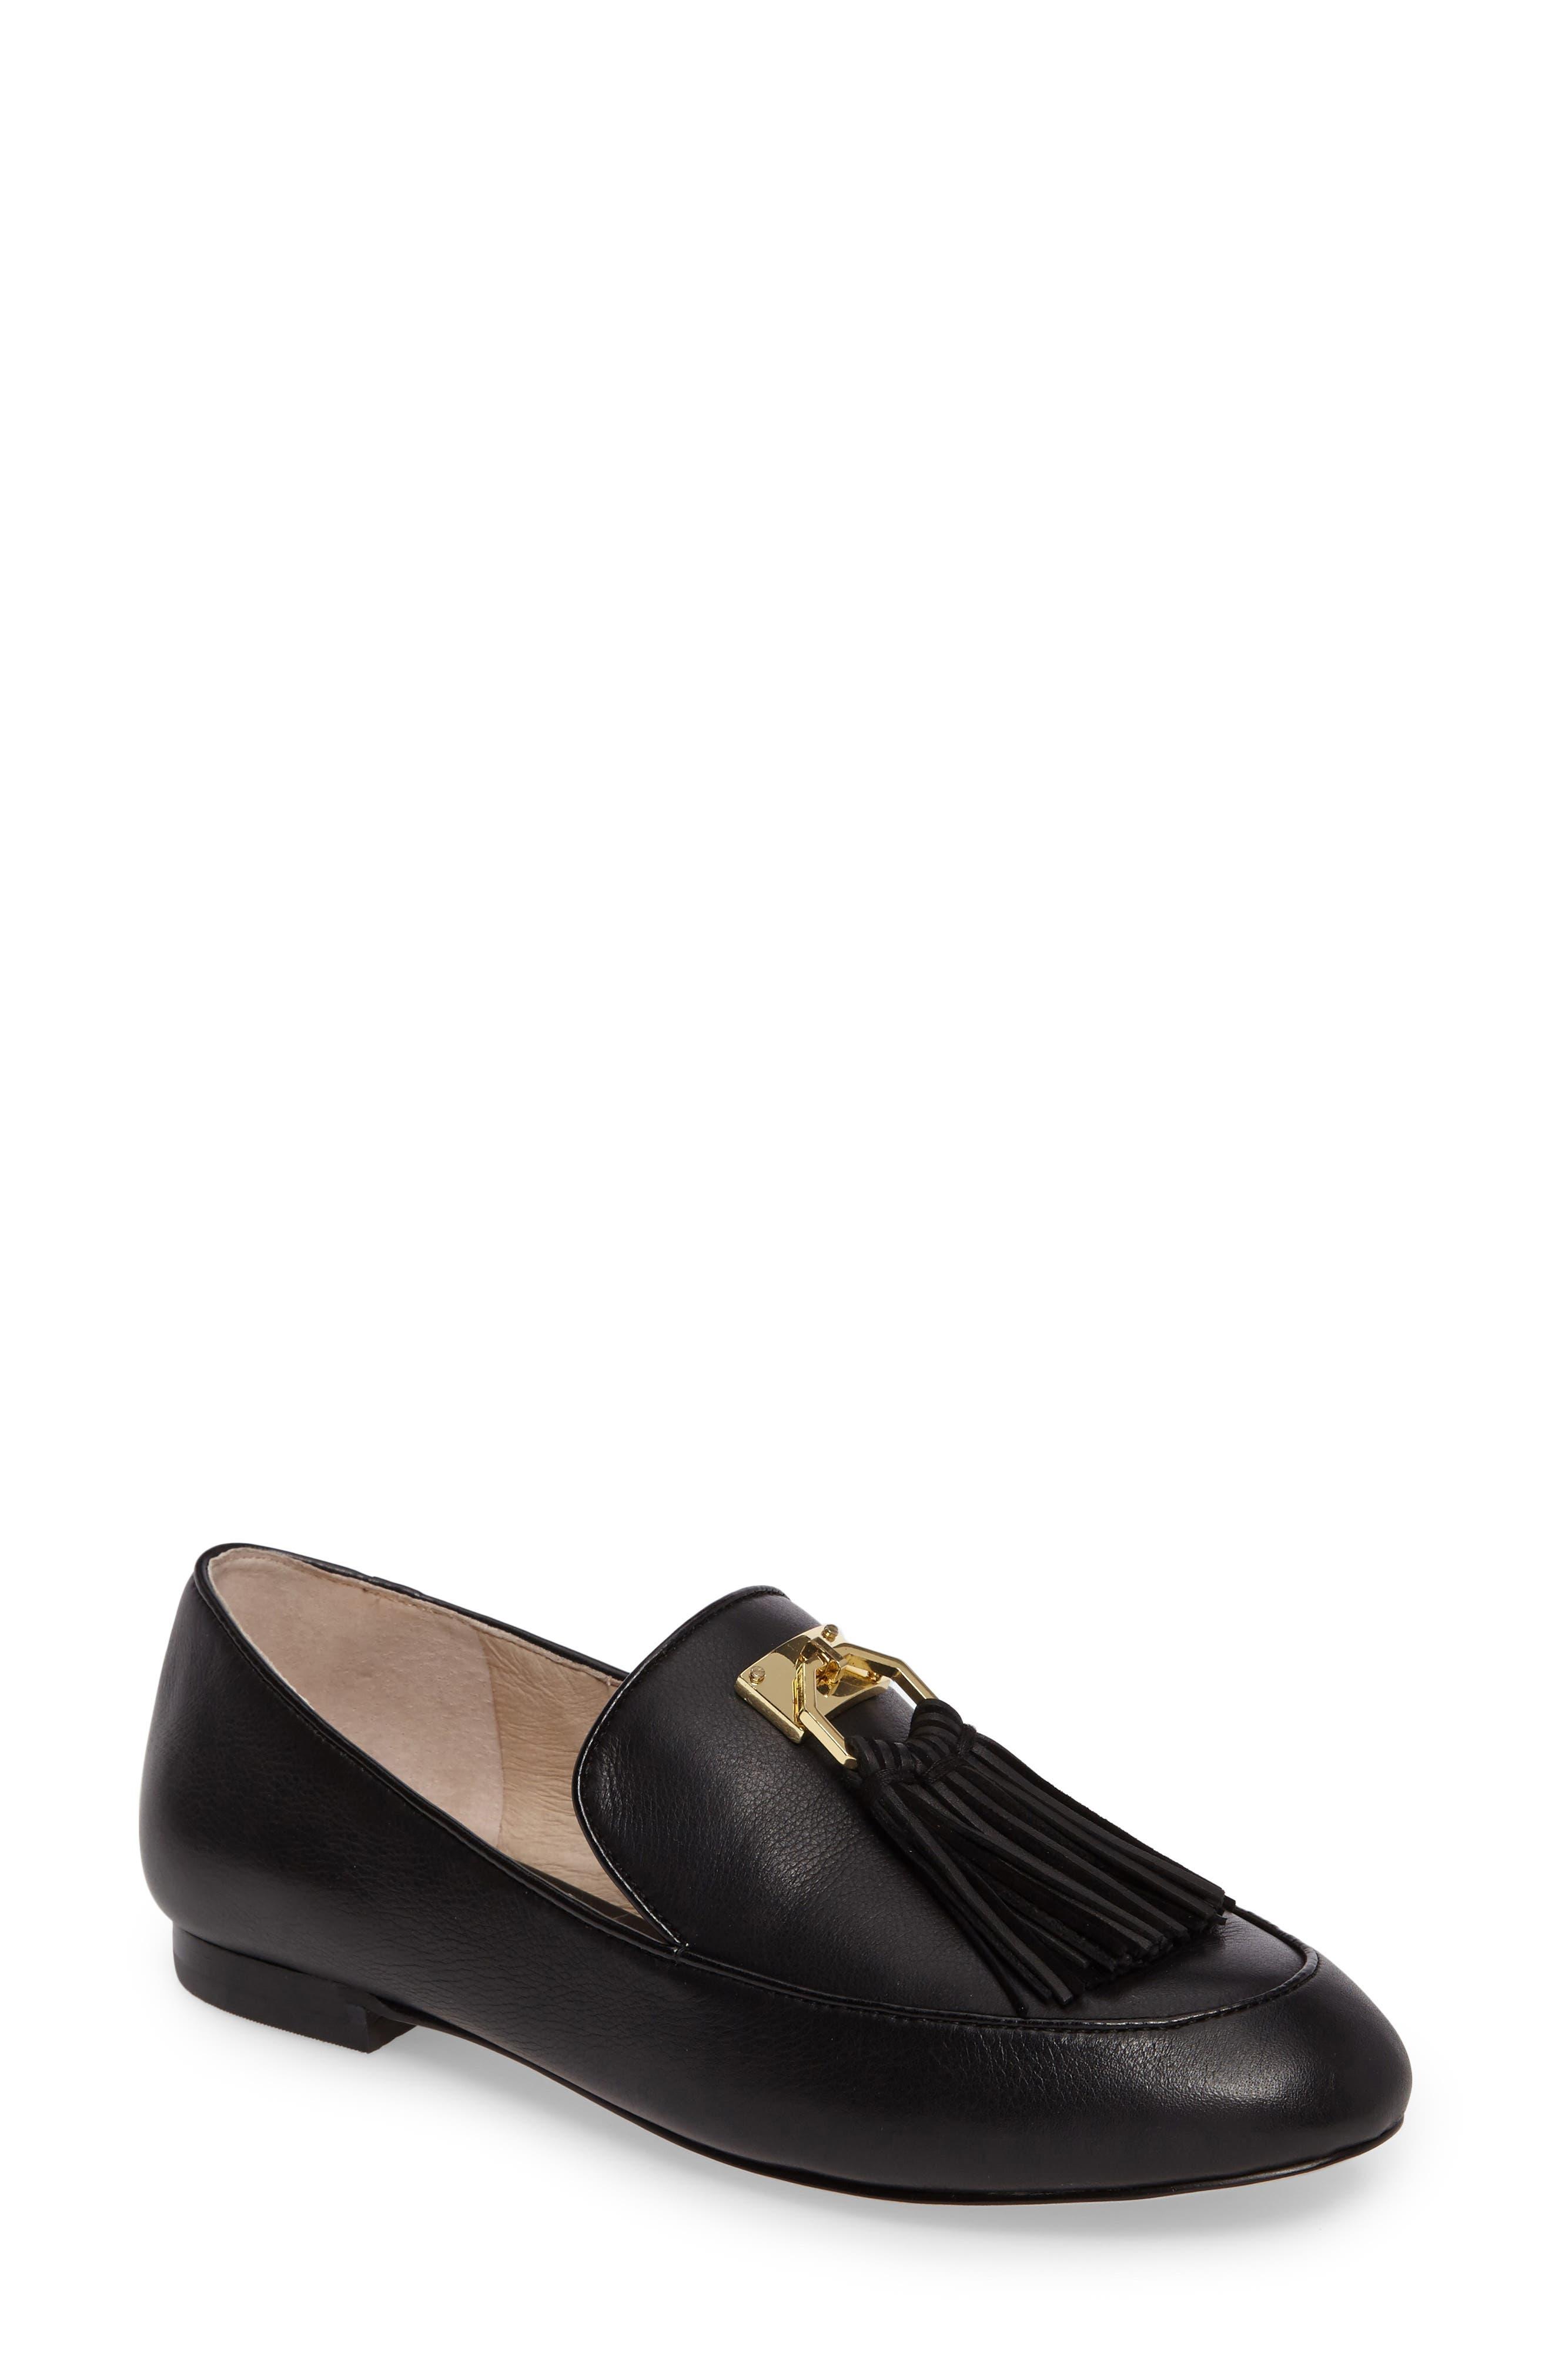 Faru Tassel Loafer,                         Main,                         color, Black Leather